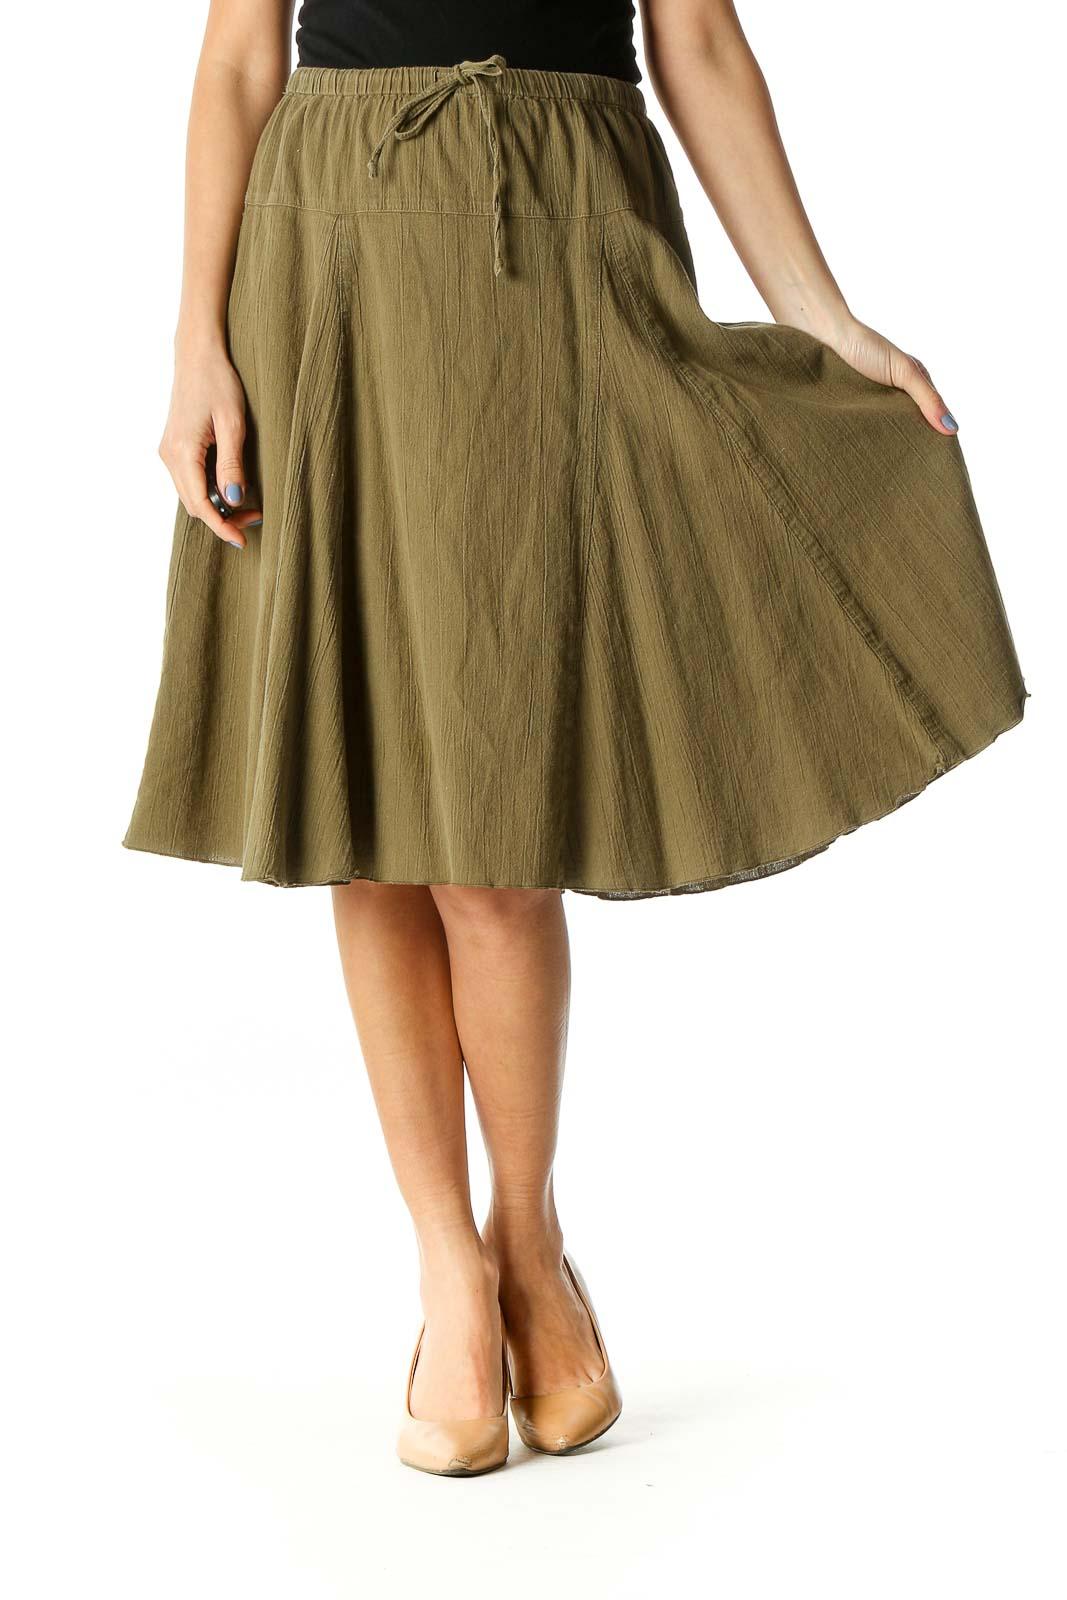 Green Flared Knee-Length Skirt Front